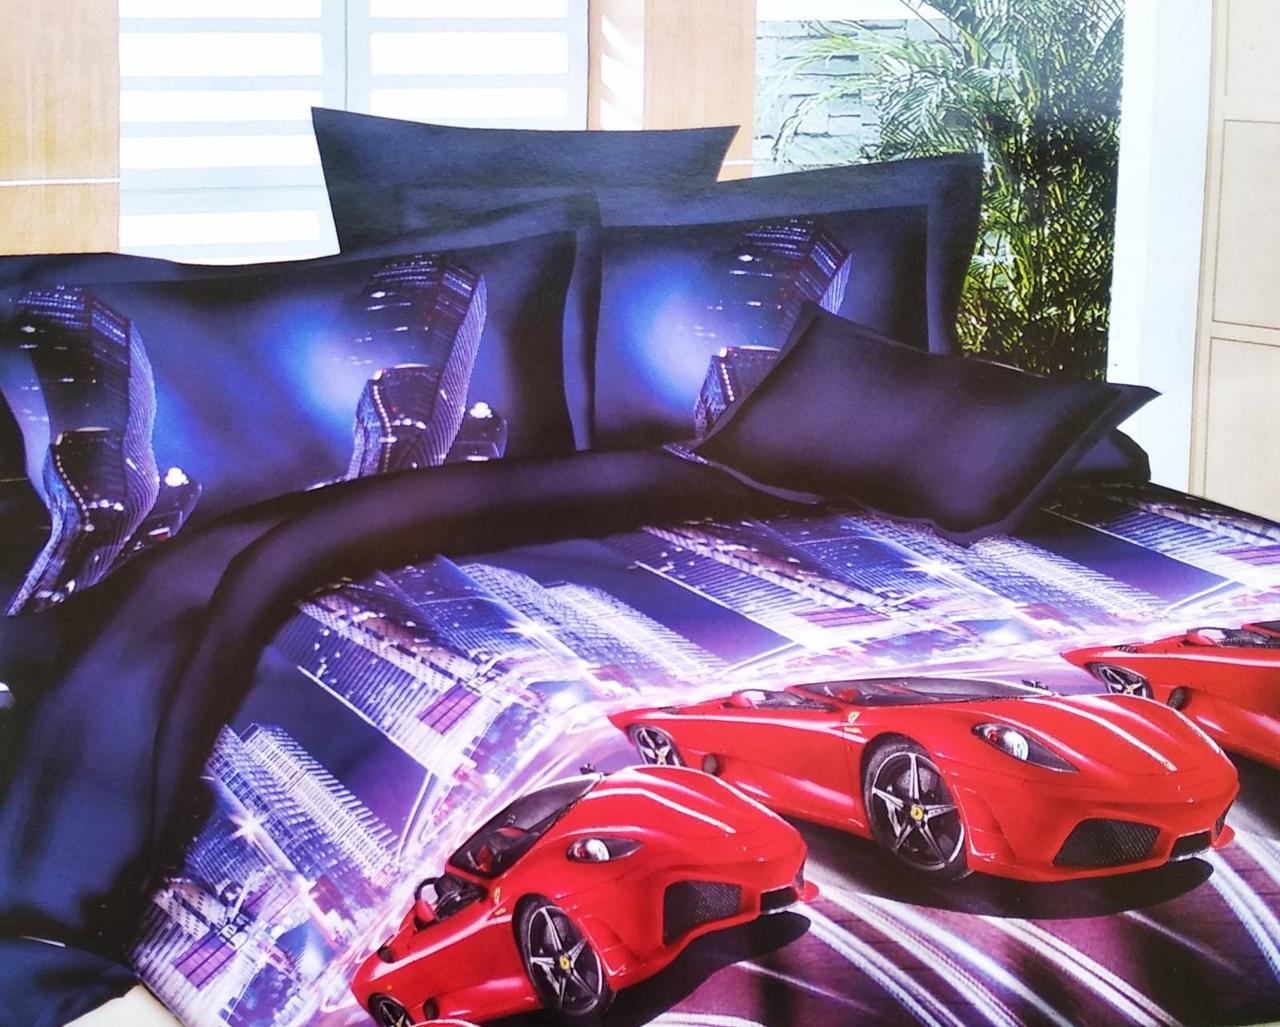 Комплект подросткового постельного полуторного белья, ранфорс